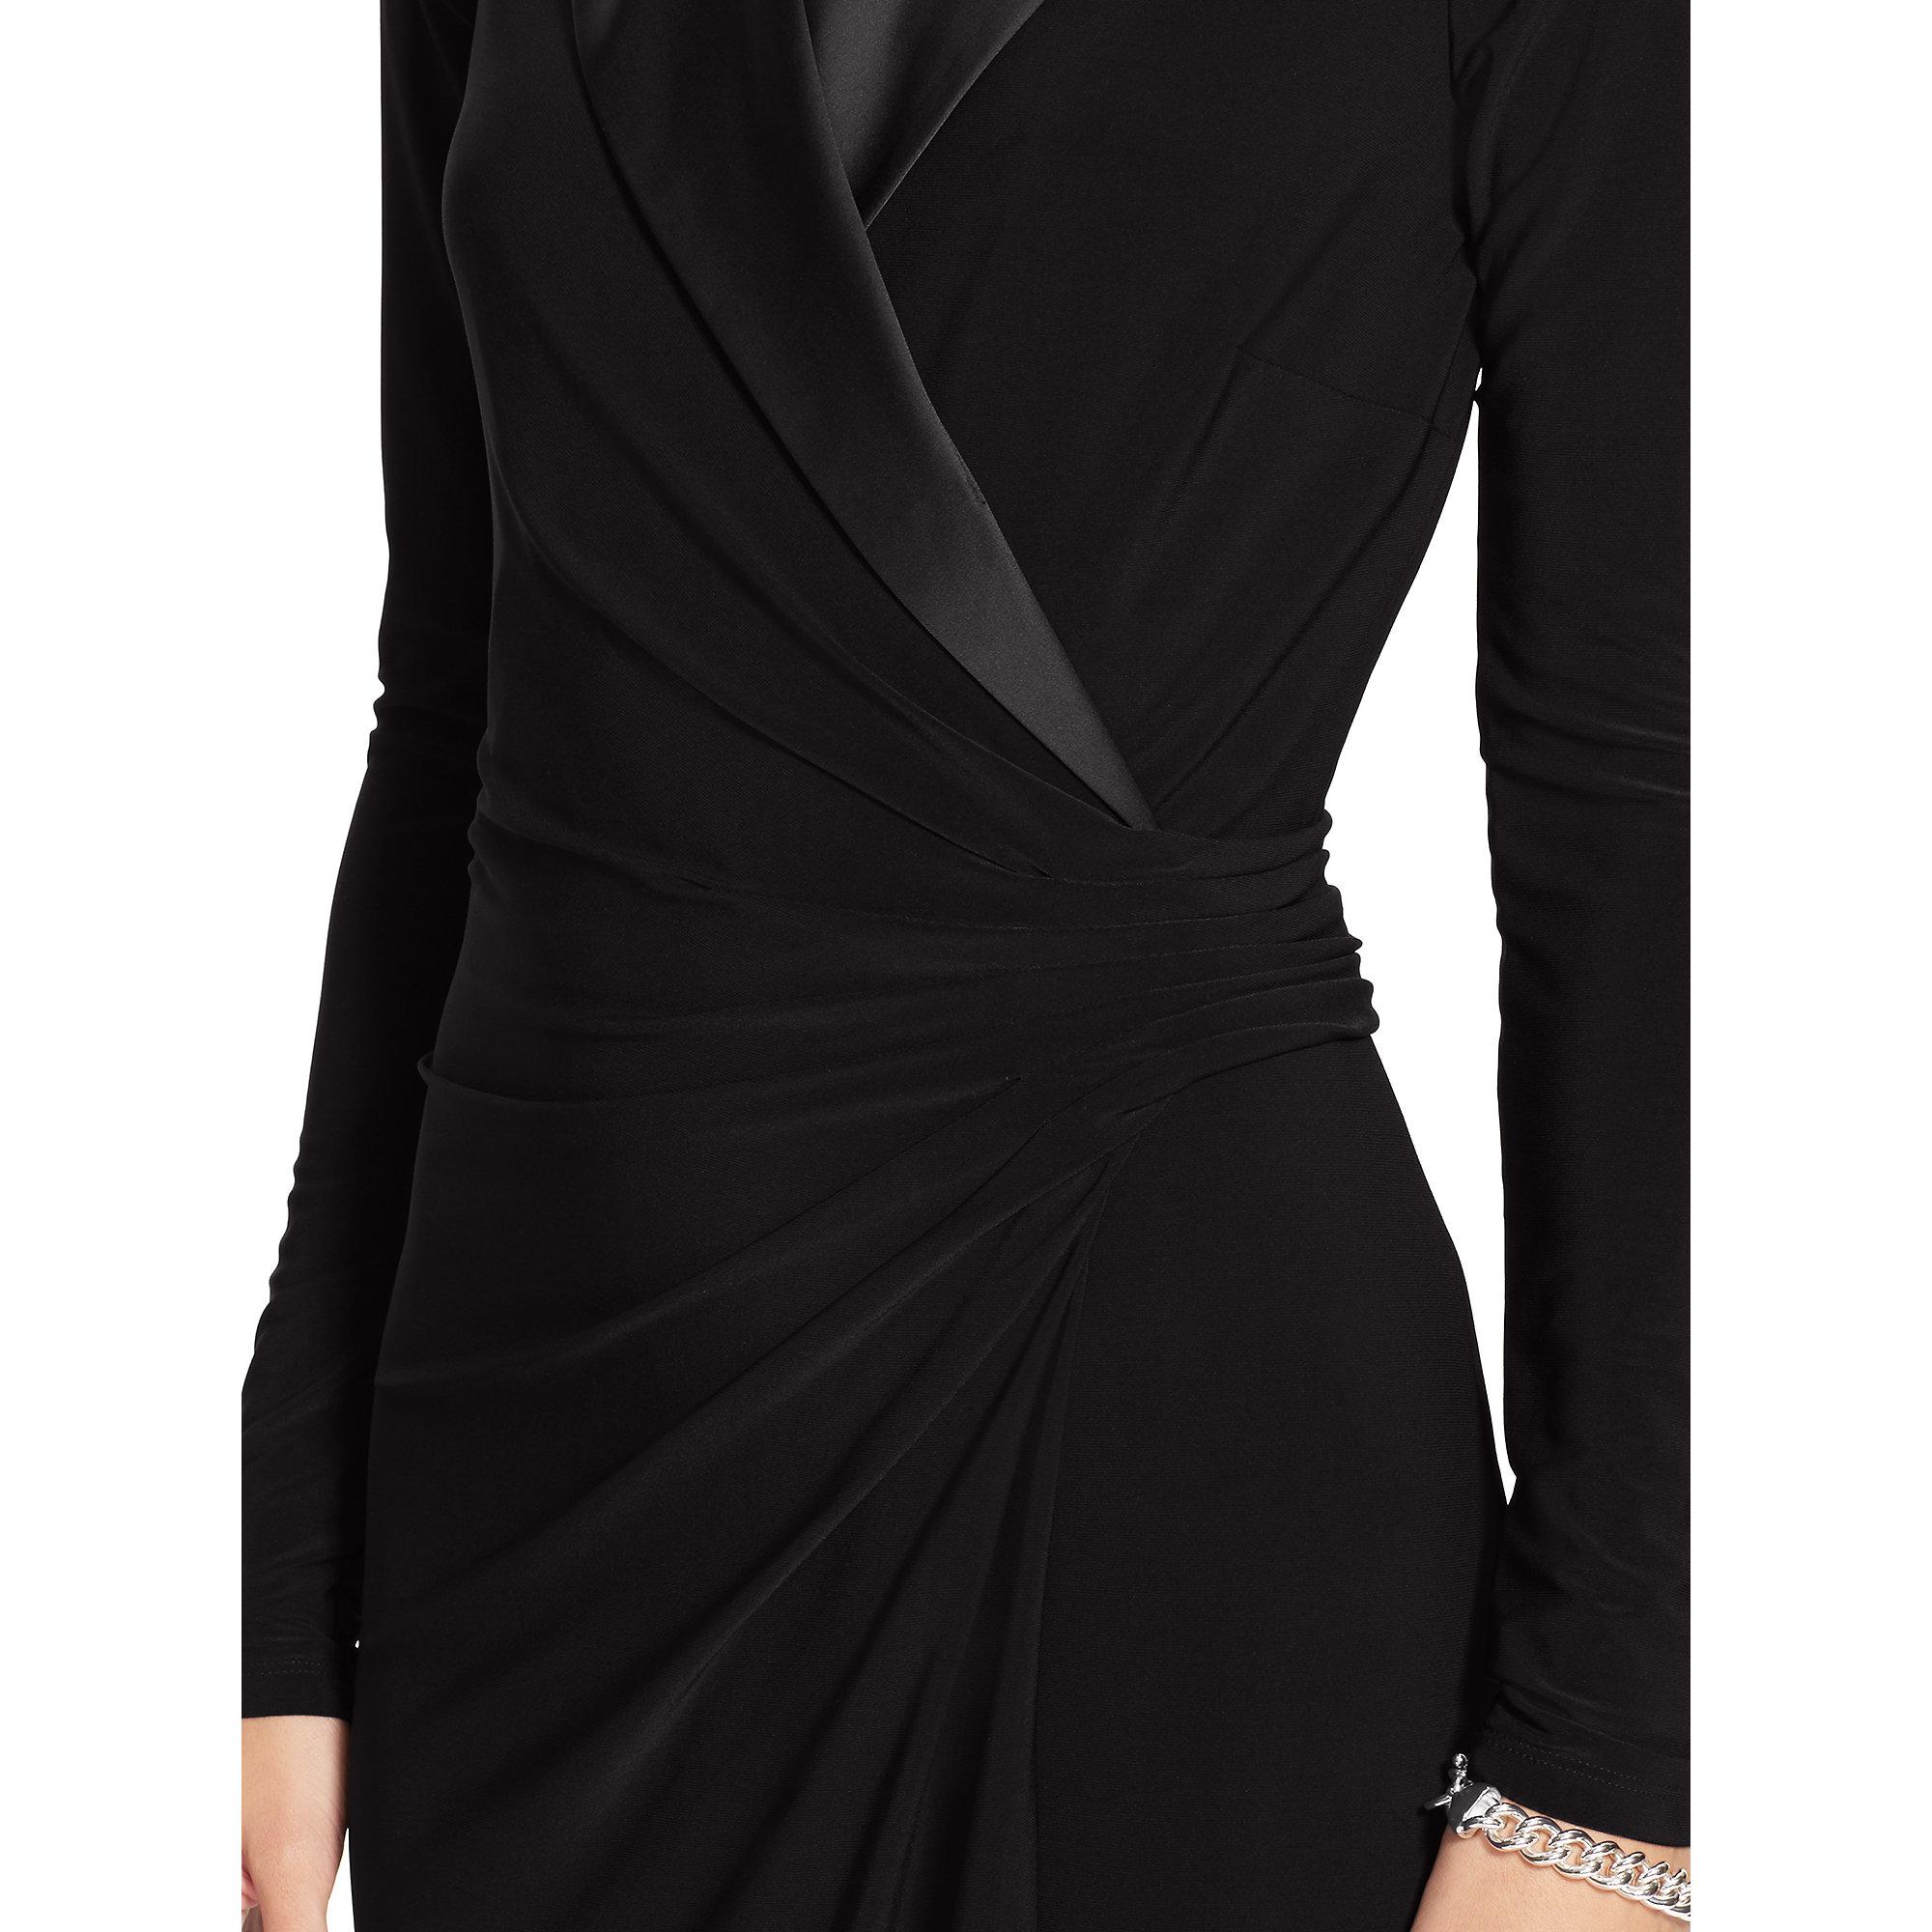 Lyst - Pink Pony Jersey Tuxedo Dress in Black